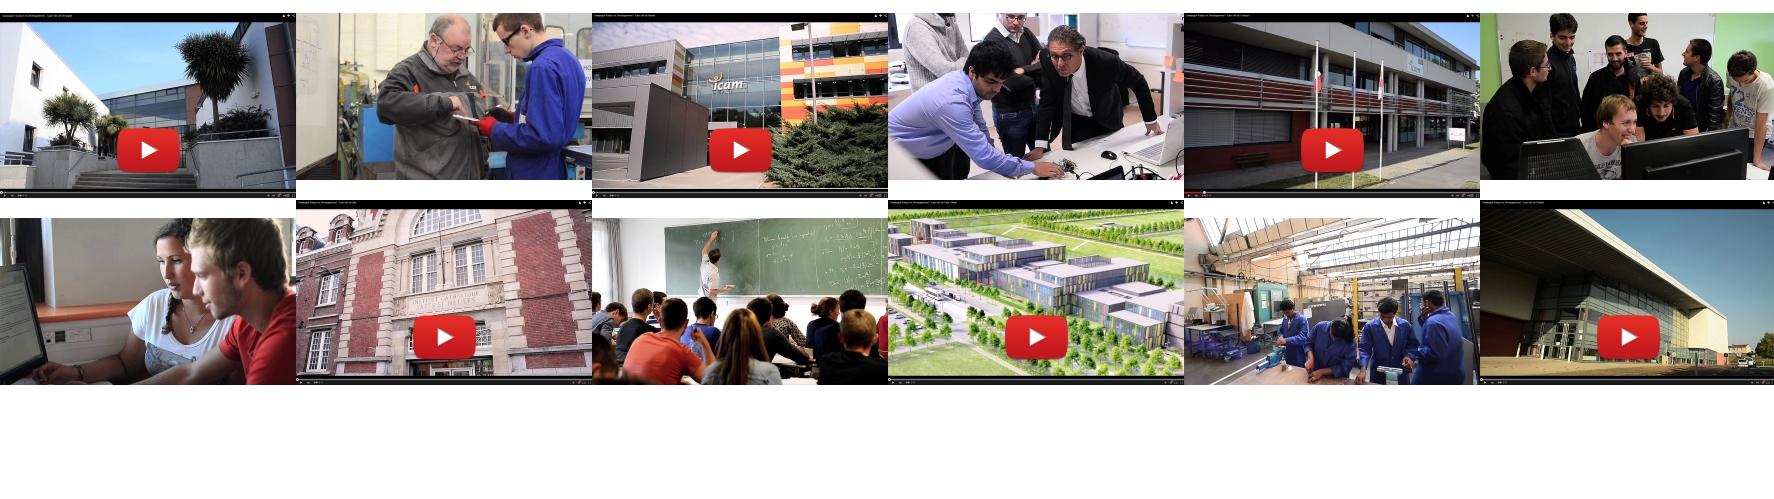 https://www.icam-audace-et-developpement.com/wp-content/uploads/2015/02/banniere_videos.jpg